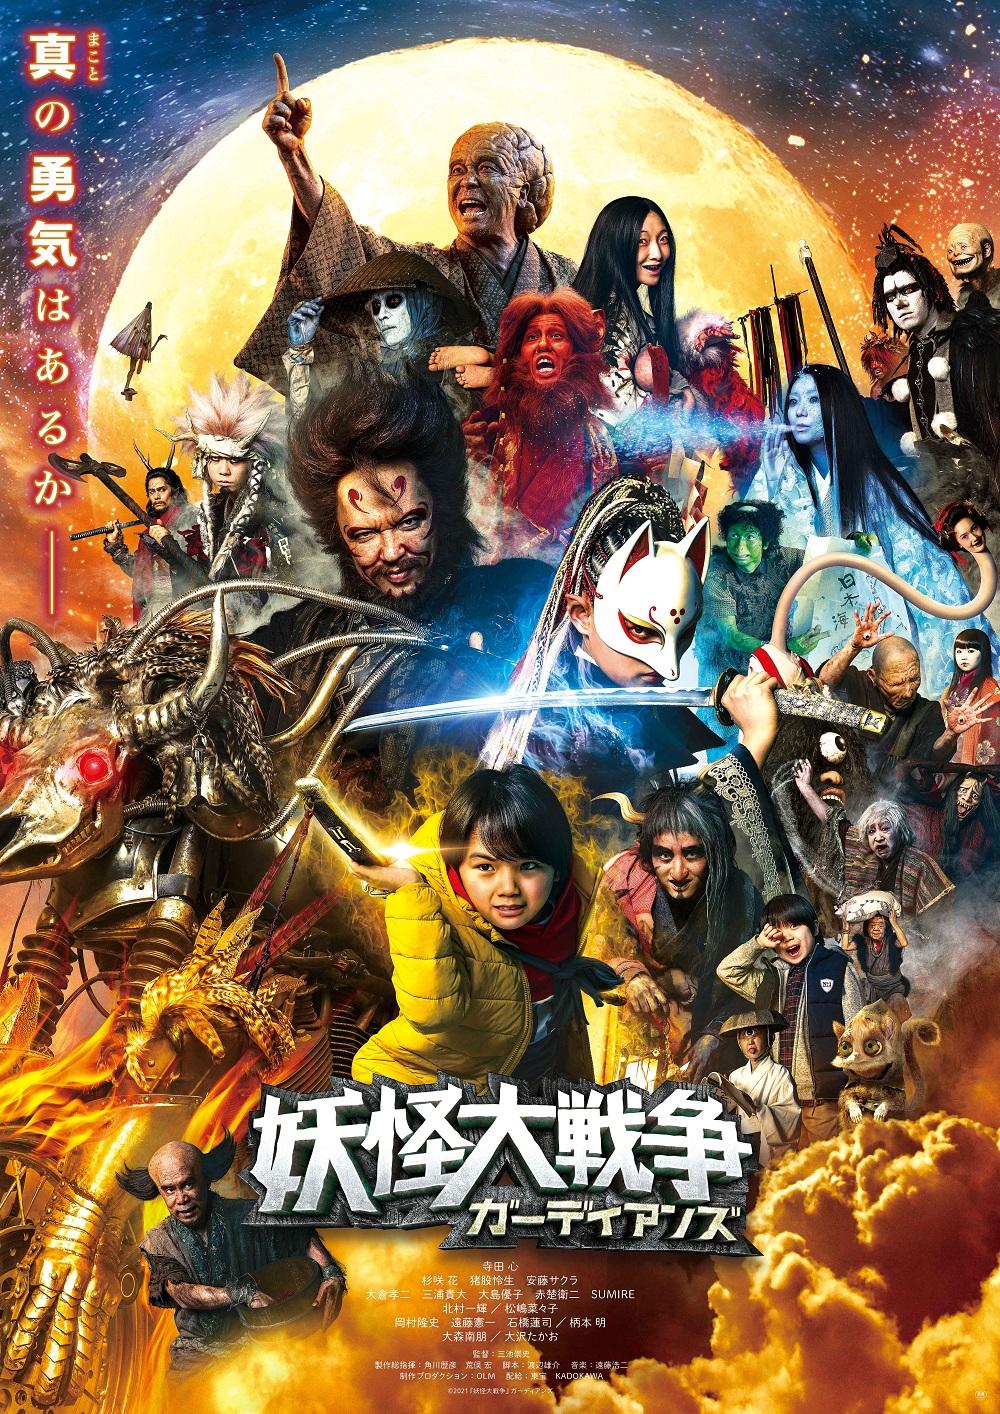 『妖怪大戦争 ガーディアンズ』ティザーポスター